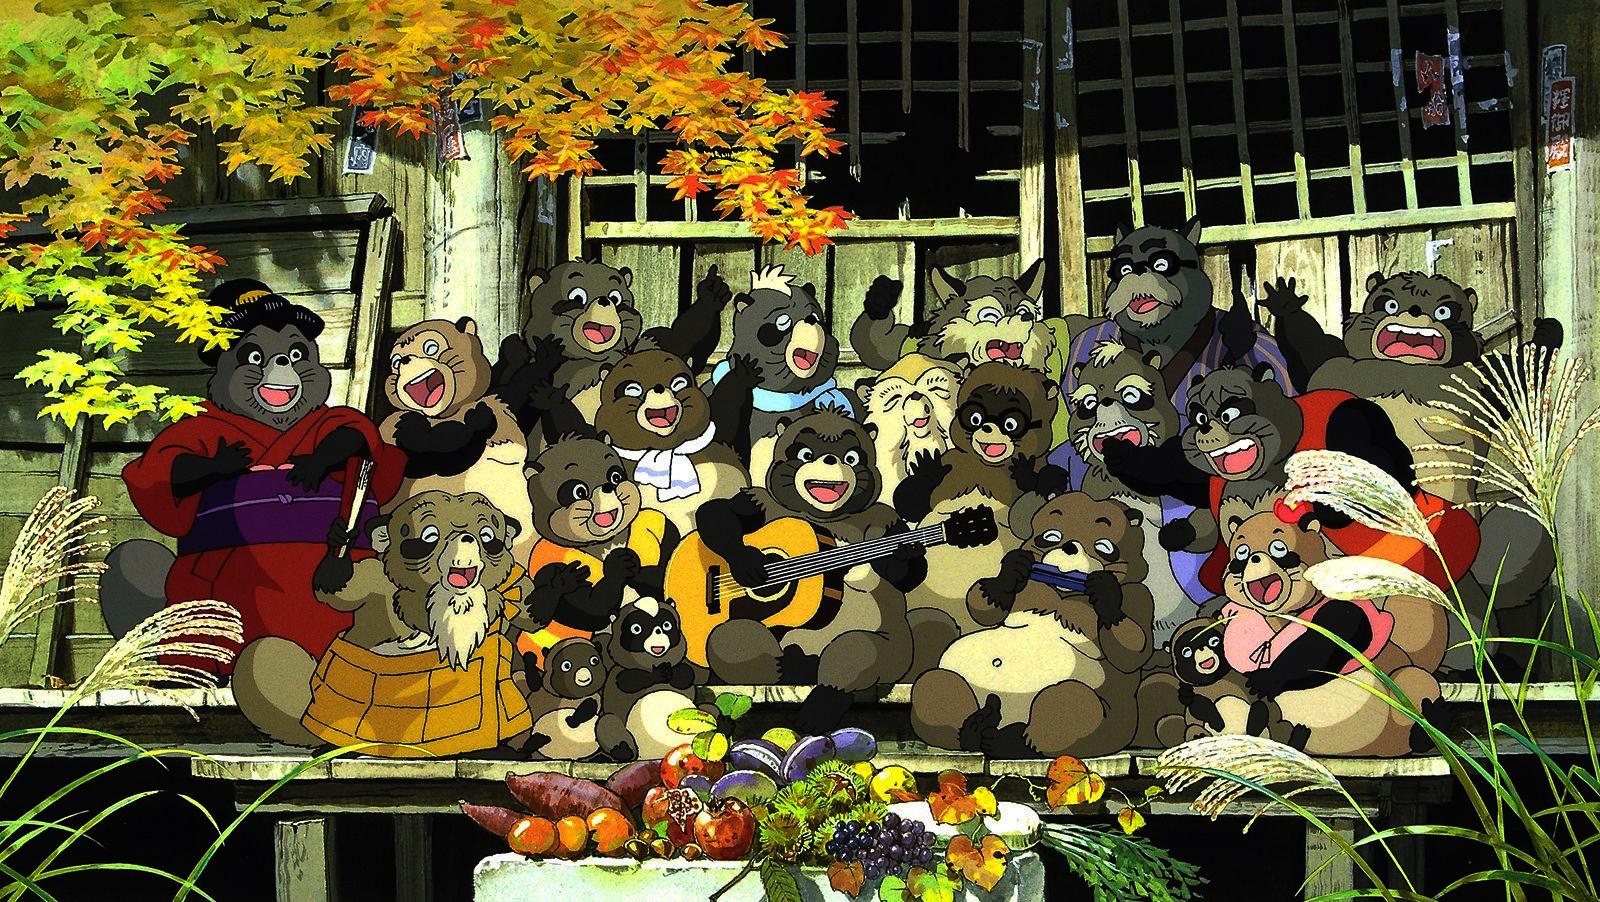 phim hoạt hình Cuộc Chiến Gấu Mèo Studio Ghibli